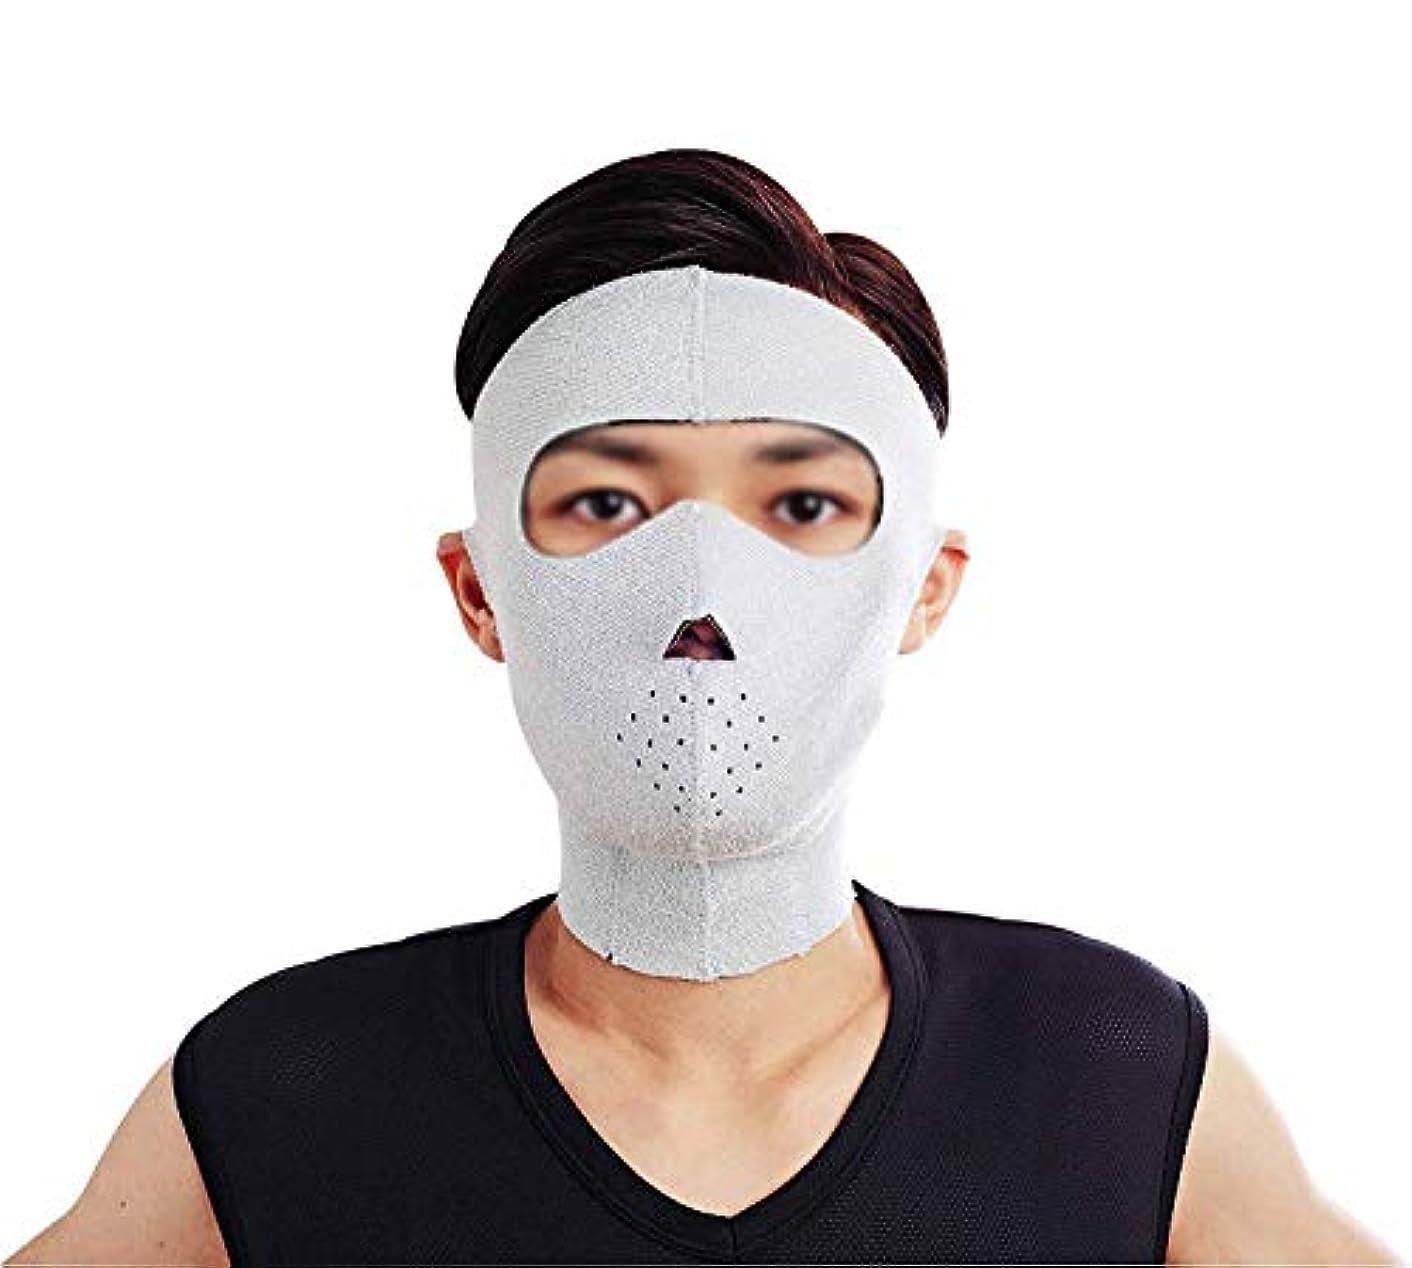 資産花輪カブフェイスリフトマスク、フェイシャルマスクプラス薄いフェイスマスクタイトなたるみの薄いフェイスマスクフェイシャル薄いフェイスマスクアーティファクトビューティー男性ネックストラップ付き